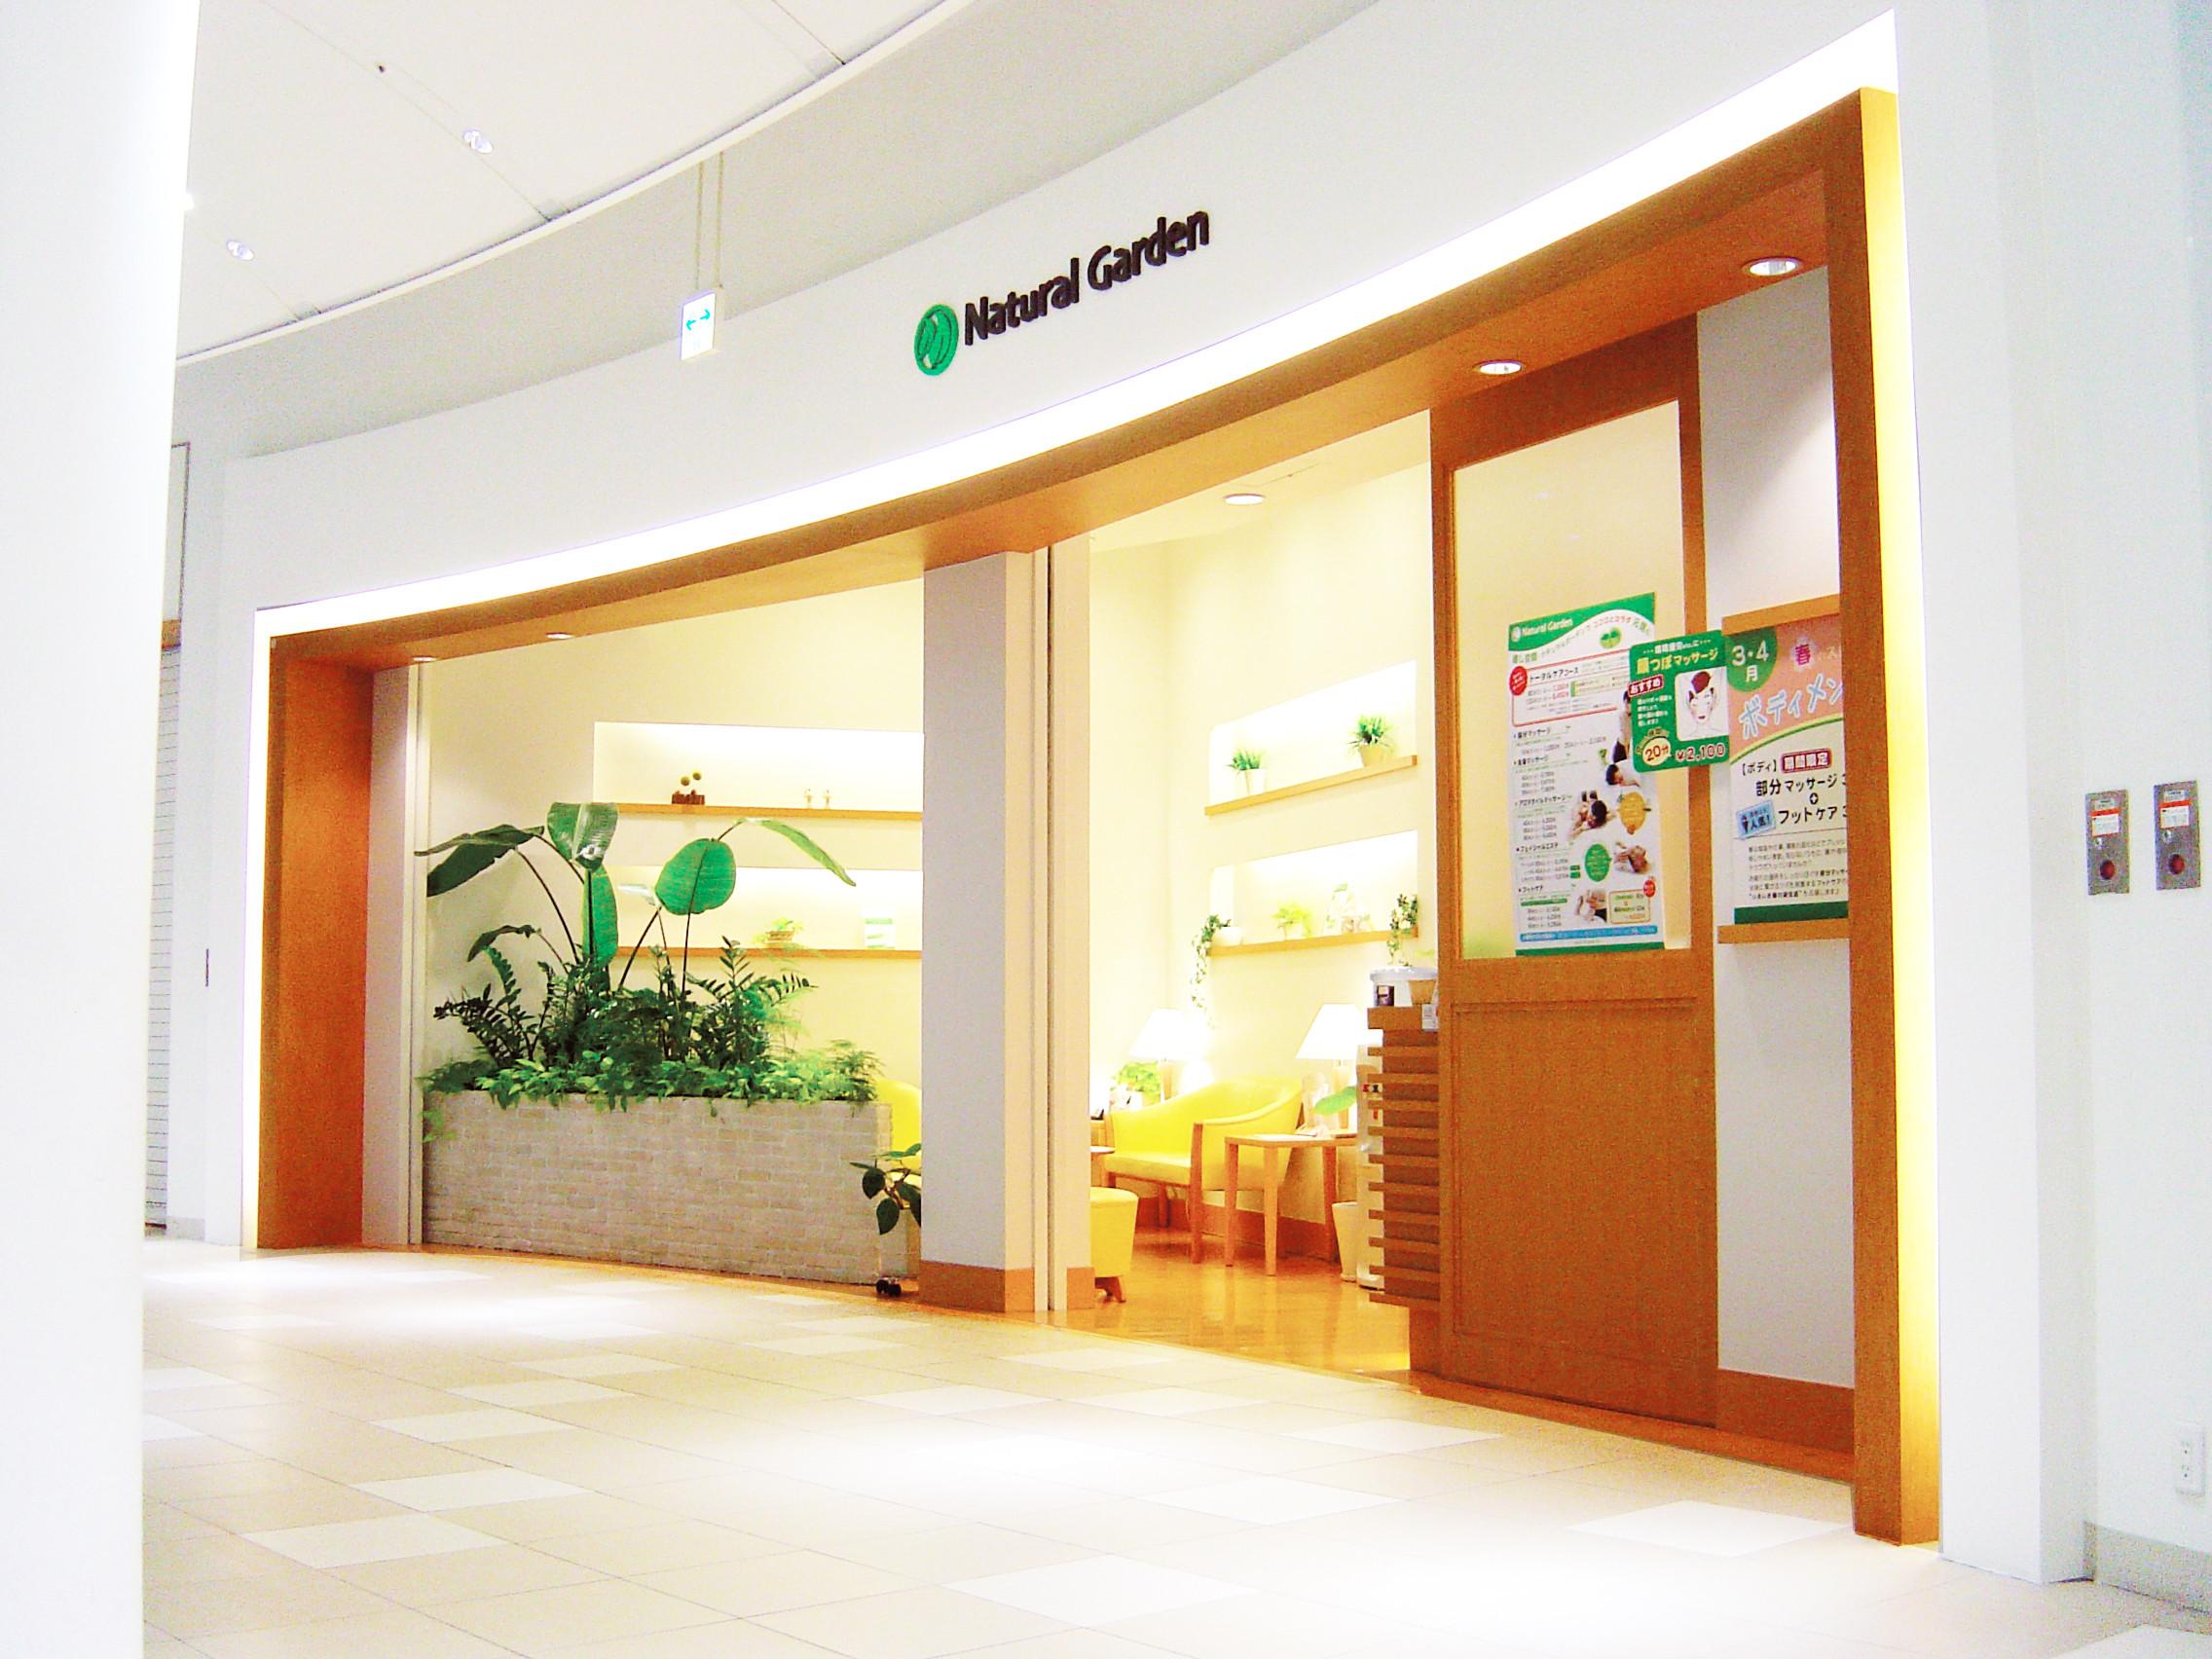 リラクゼーションサロン Natural Garden(ナチュラルガーデン) 阪急西宮ガーデンズ店 のアルバイト情報